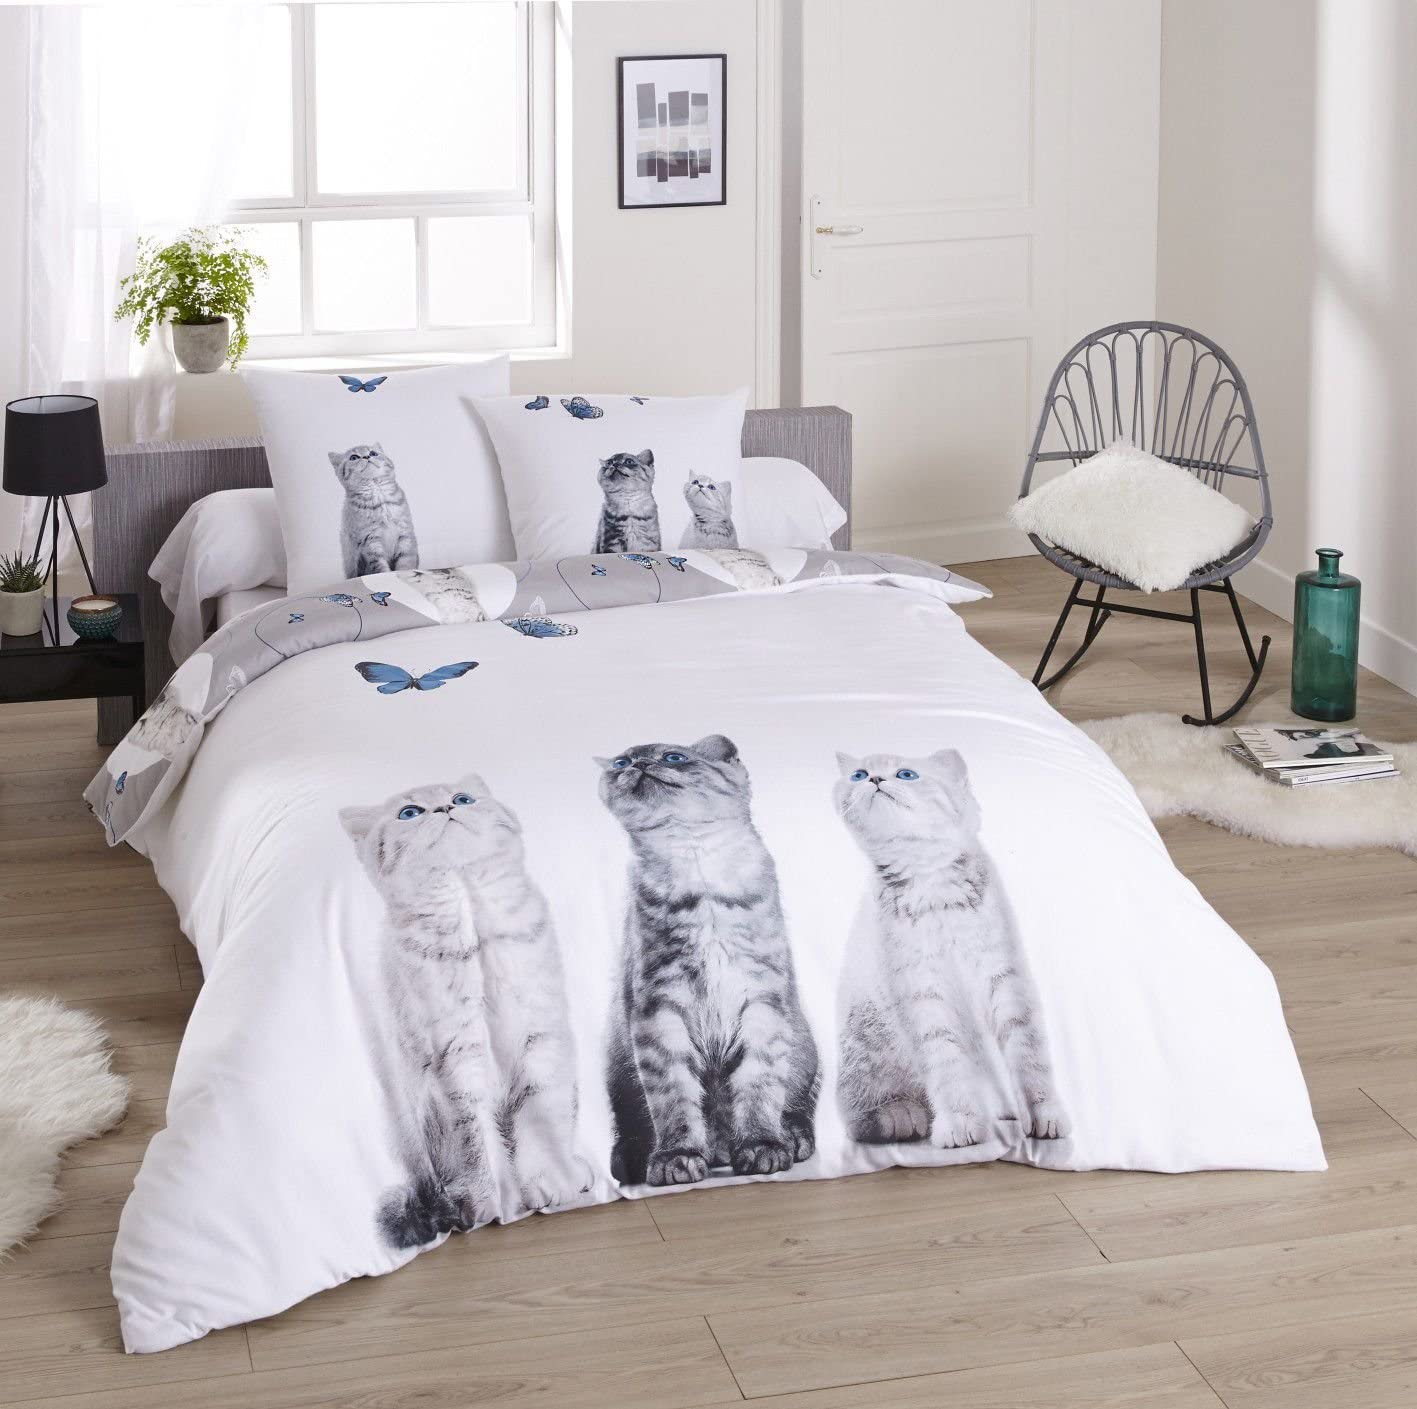 Funda nórdica de franela 100% algodón – tres gatos 200 x 200 cm + ...